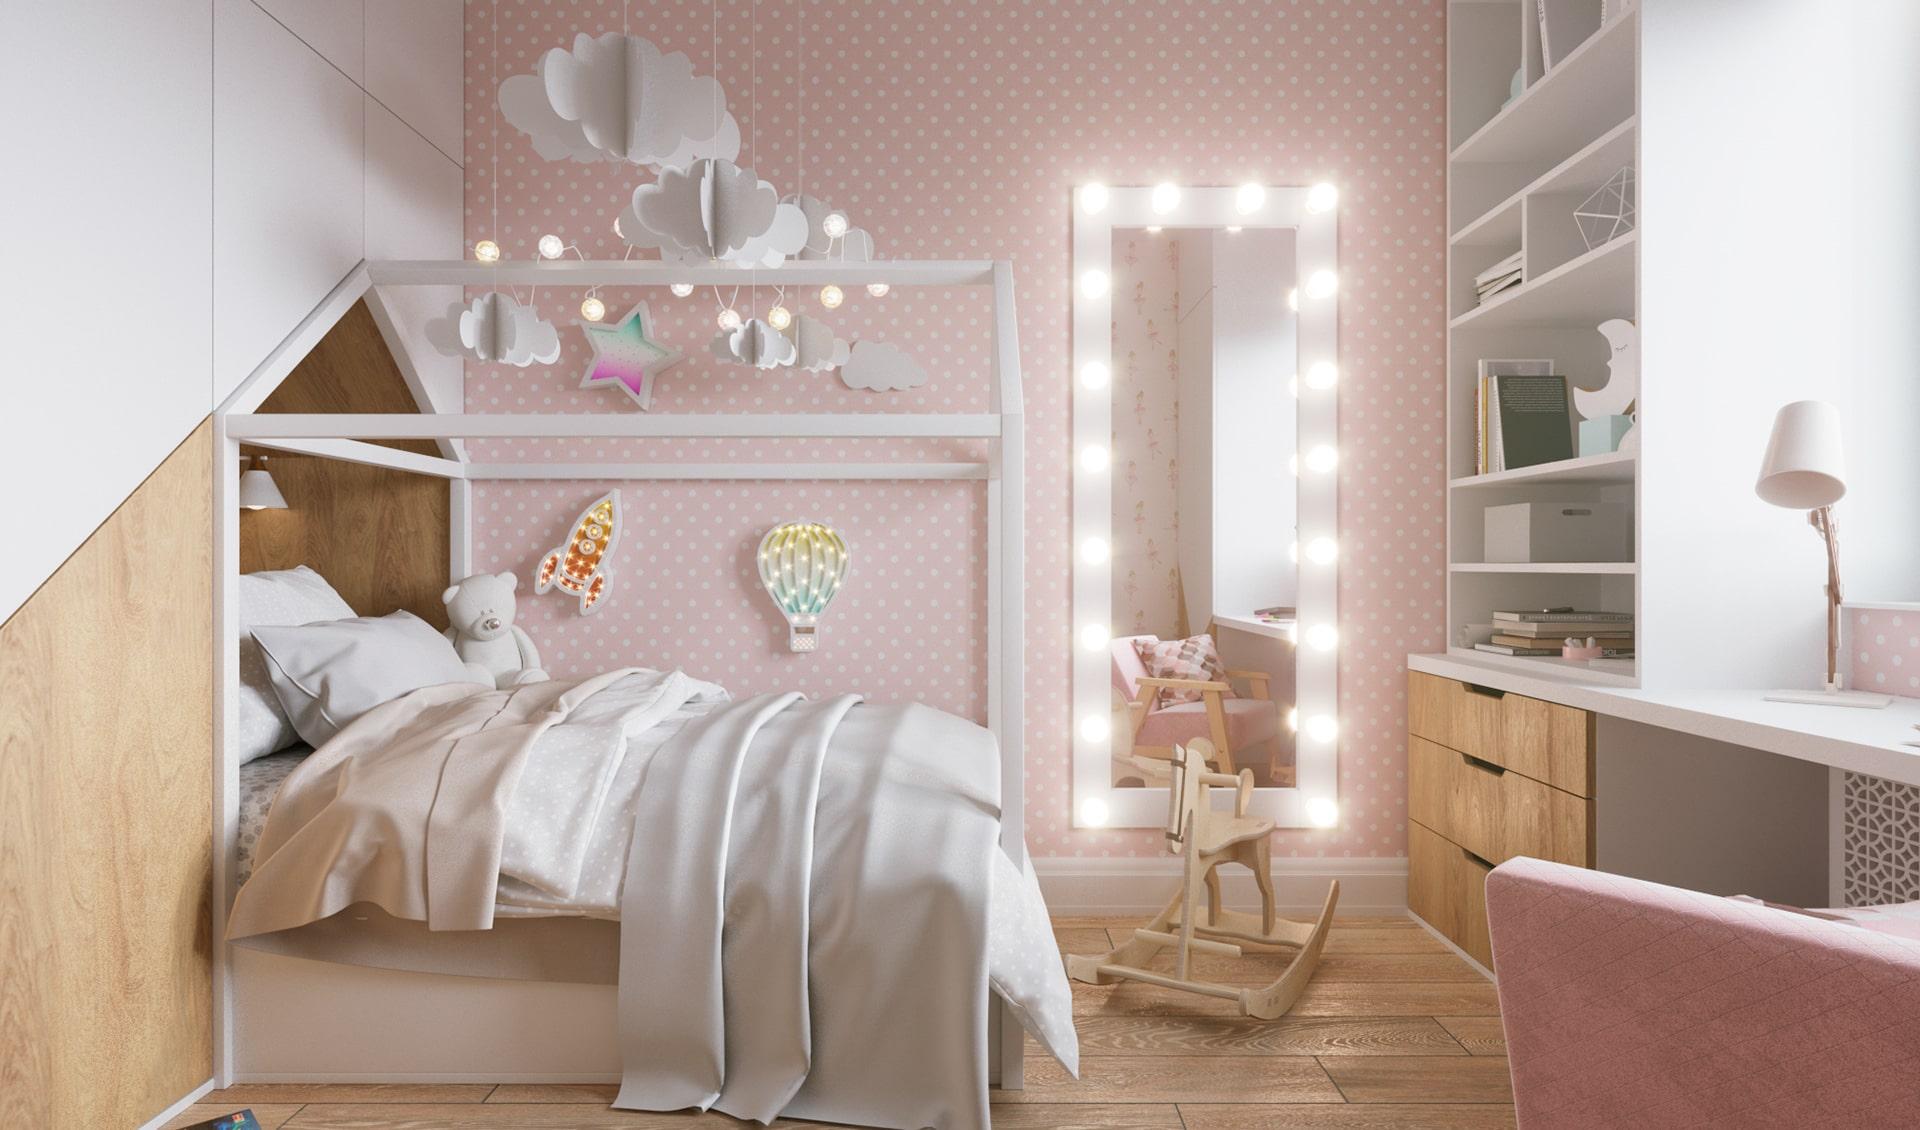 chambre de bébé fille photo 15